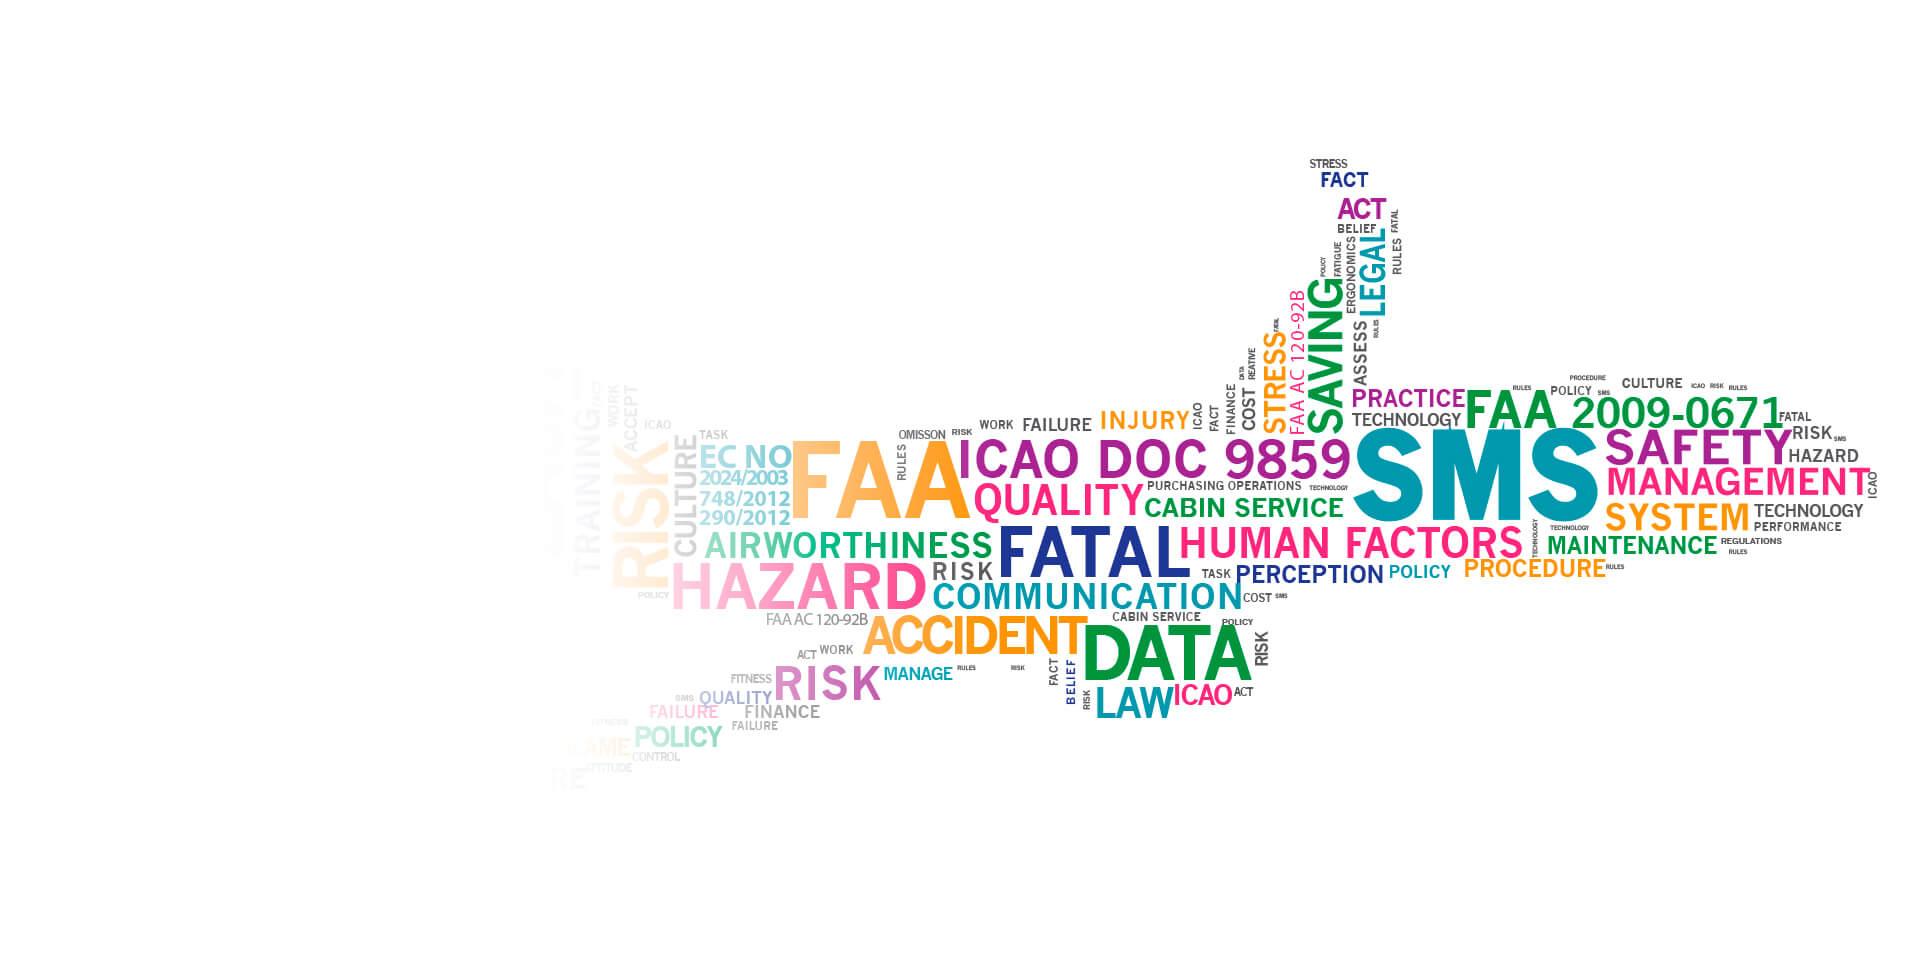 La seguridad en <br />el transporte aéreo mundial<br /> es uno de los objetivos <br />estratégicos propios del sector